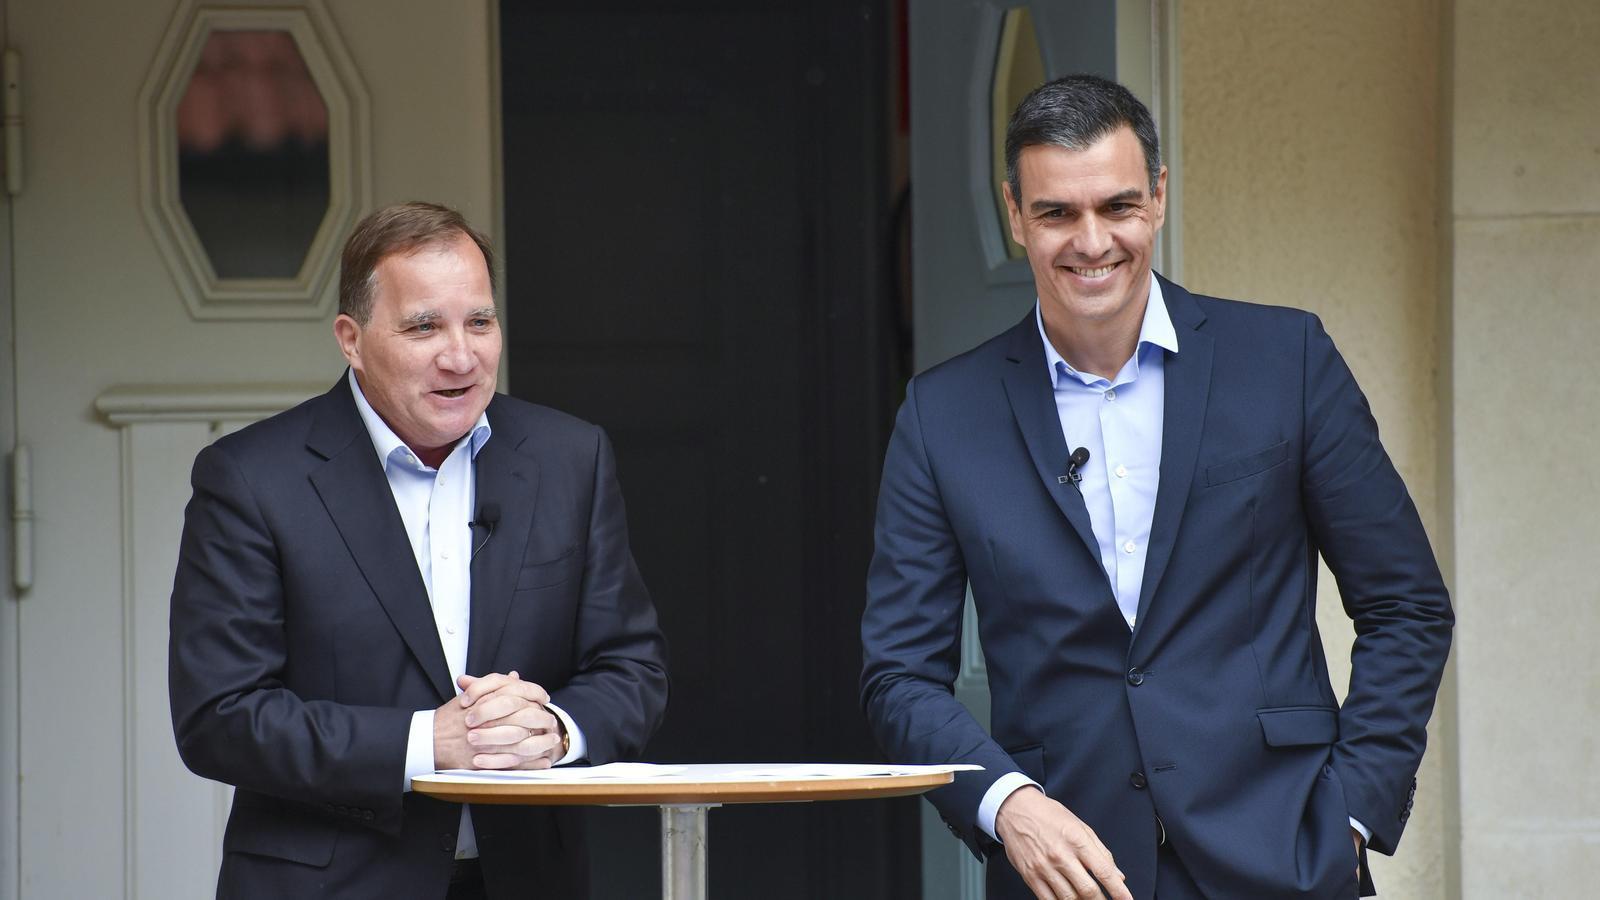 El primer ministre suec, Stefan Löfven, i el president del govern espanyol, Pedro Sánchez, aquest dimecres després de reunir-se.